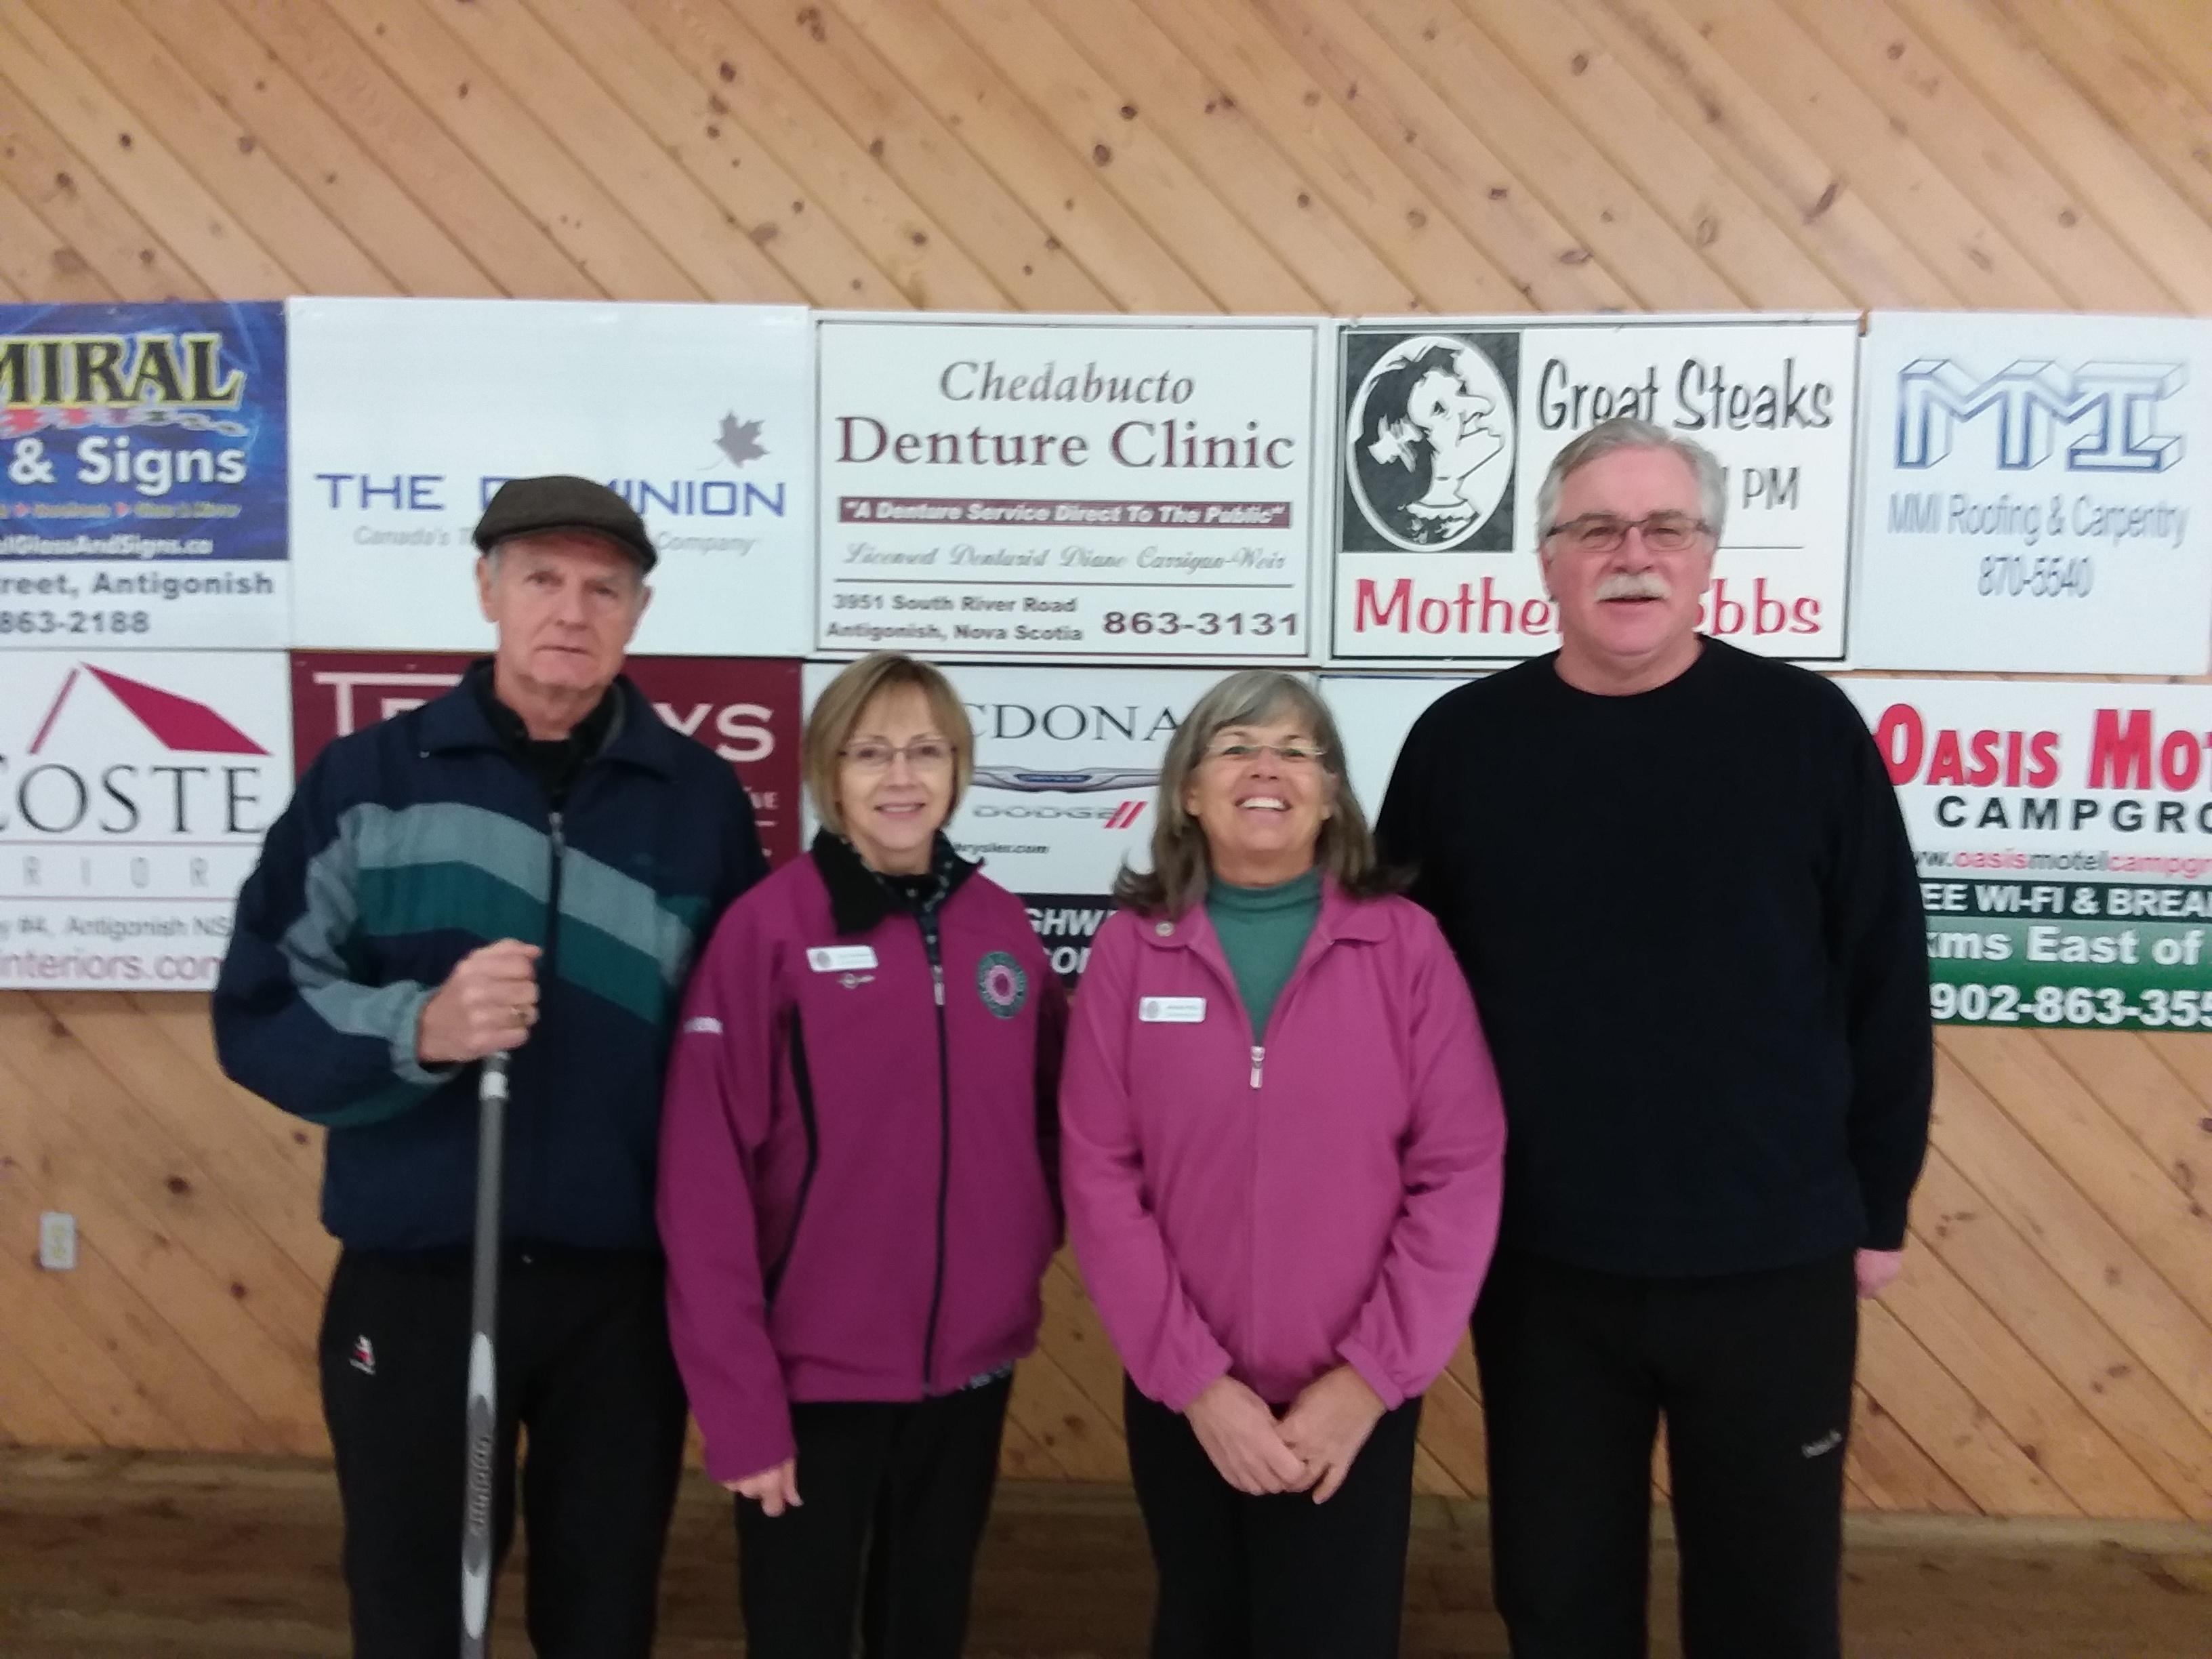 Tuesday Seniors First place winners L -R : Leo Van Berkel, Joyce Van Berkel, Michelle Reid, Steve Reid